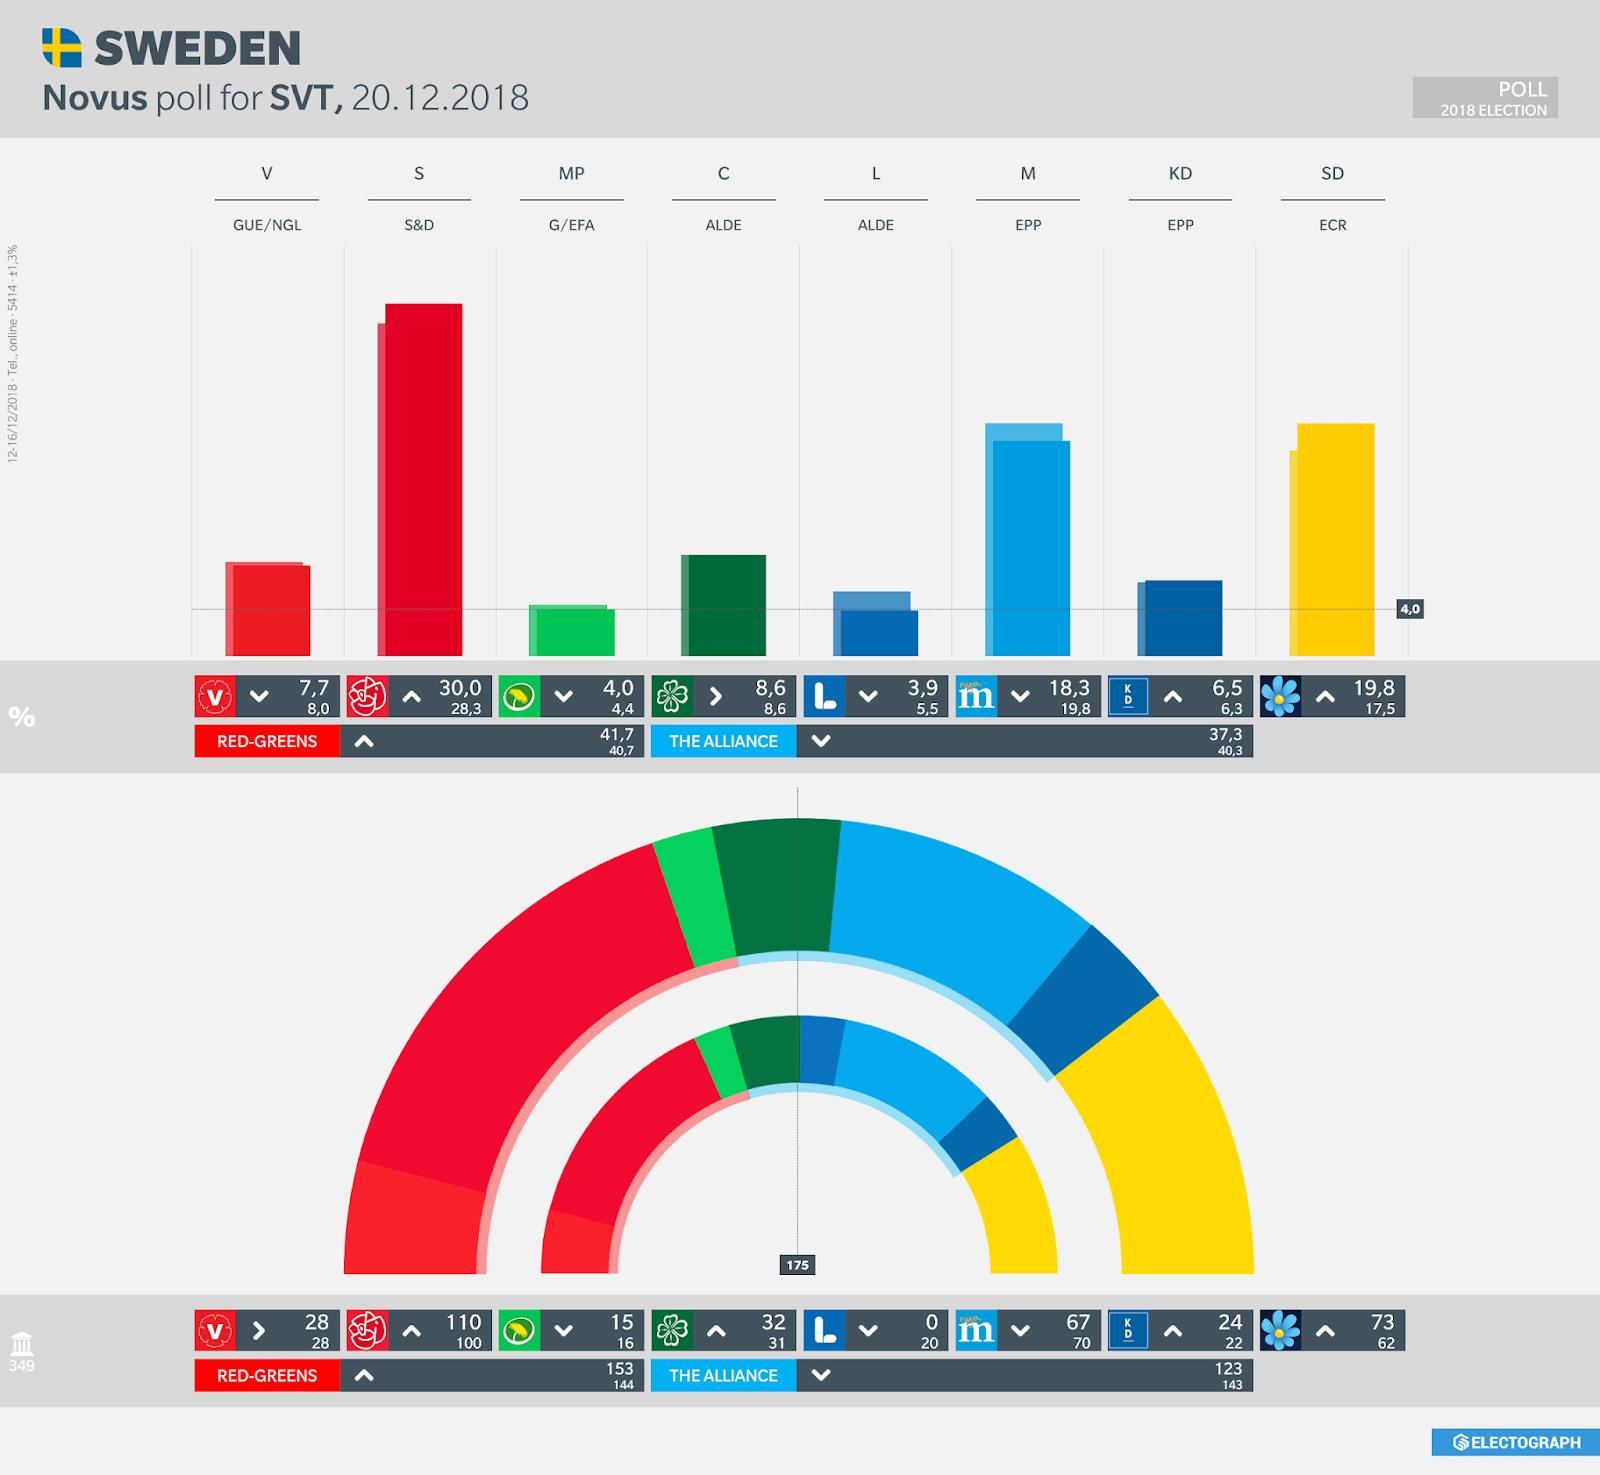 SWEDEN: Novus poll chart for SVT, 20 December 2018